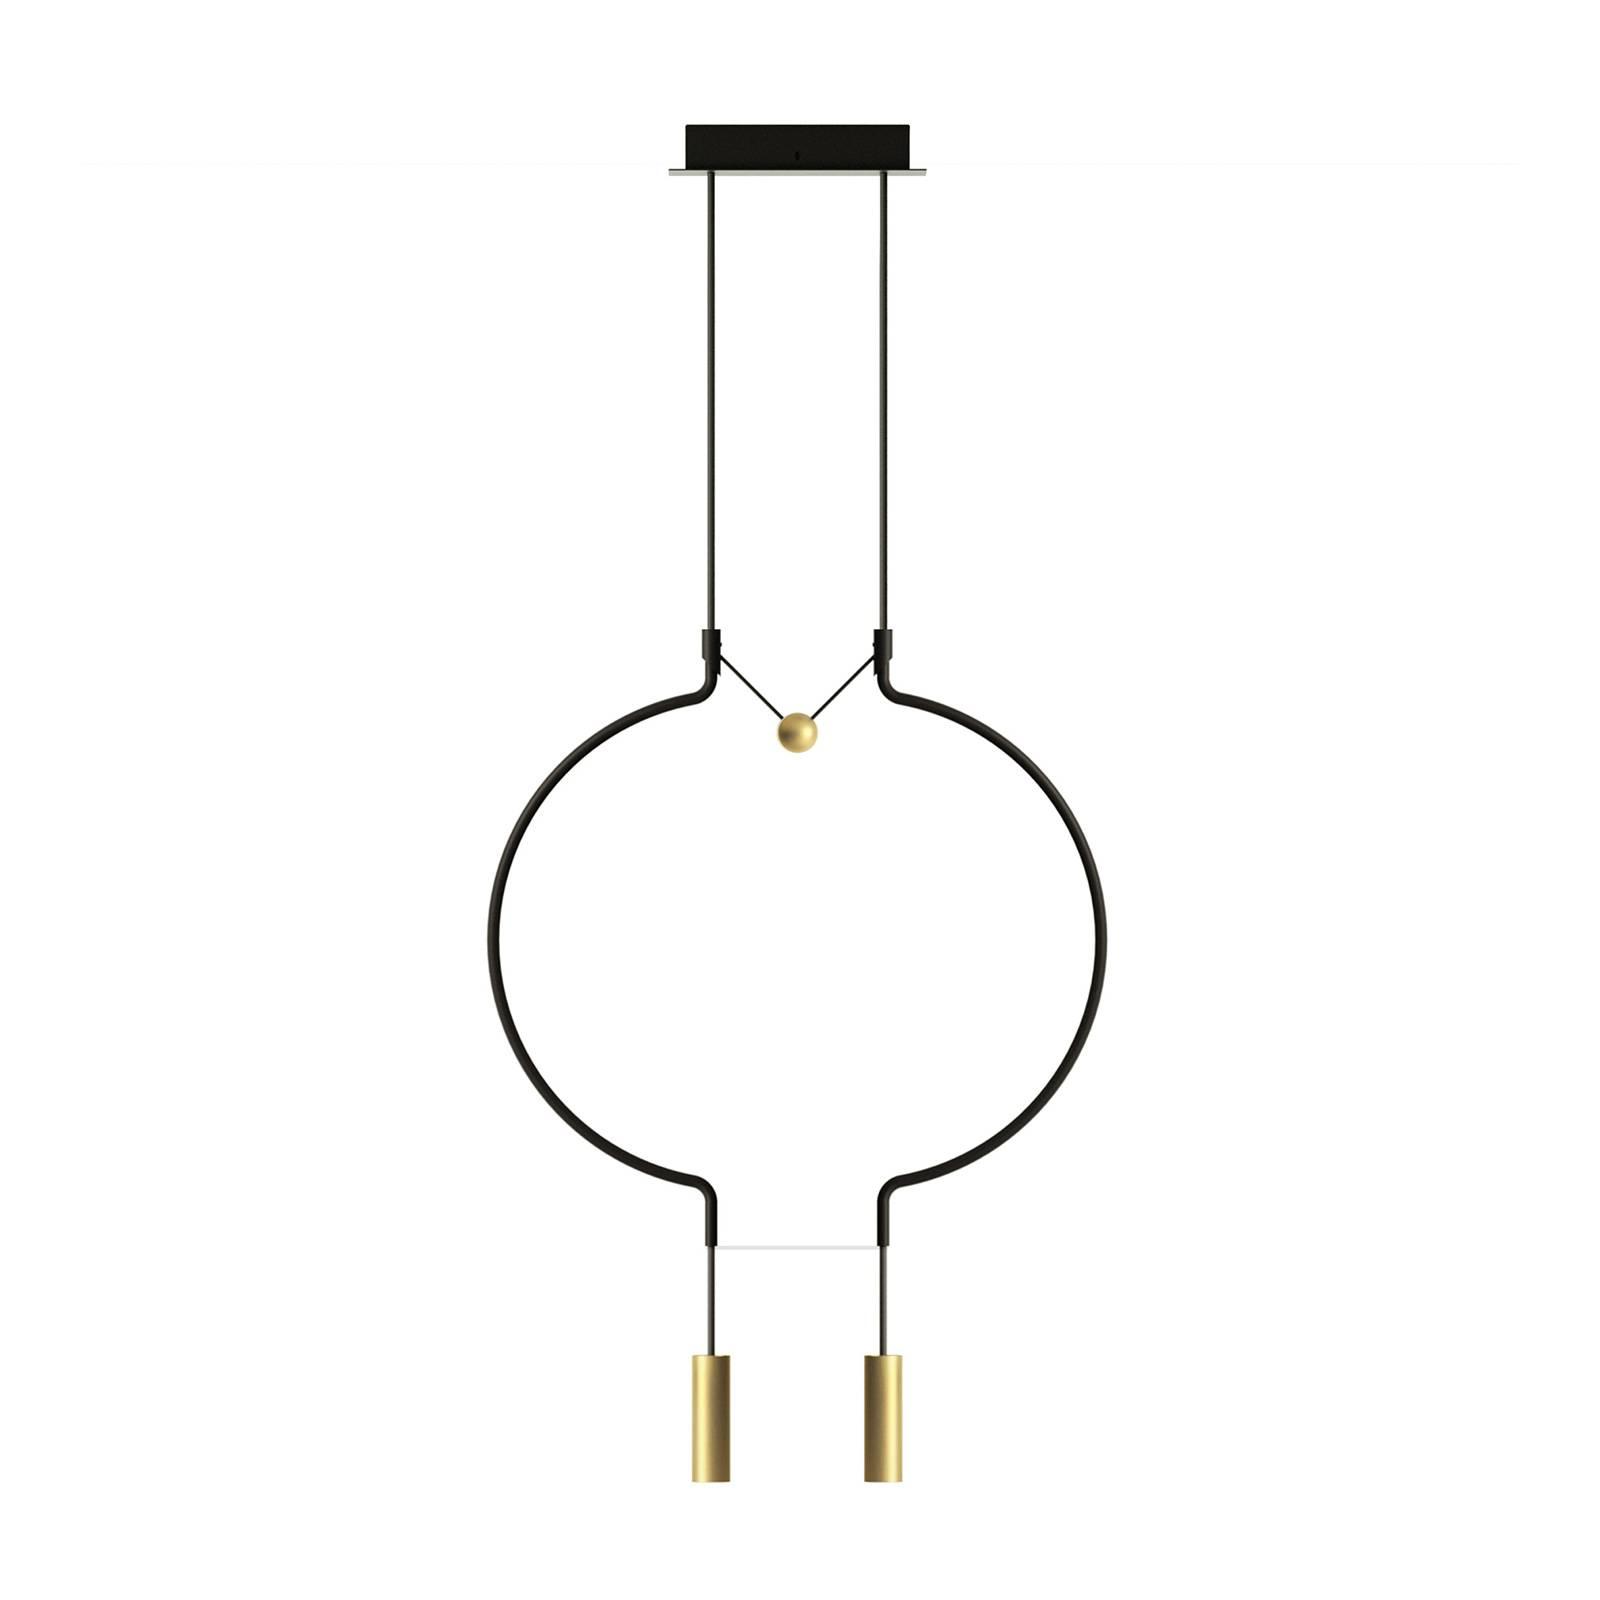 Axolight Liaison P2 riippuvalo musta/kulta 56cm